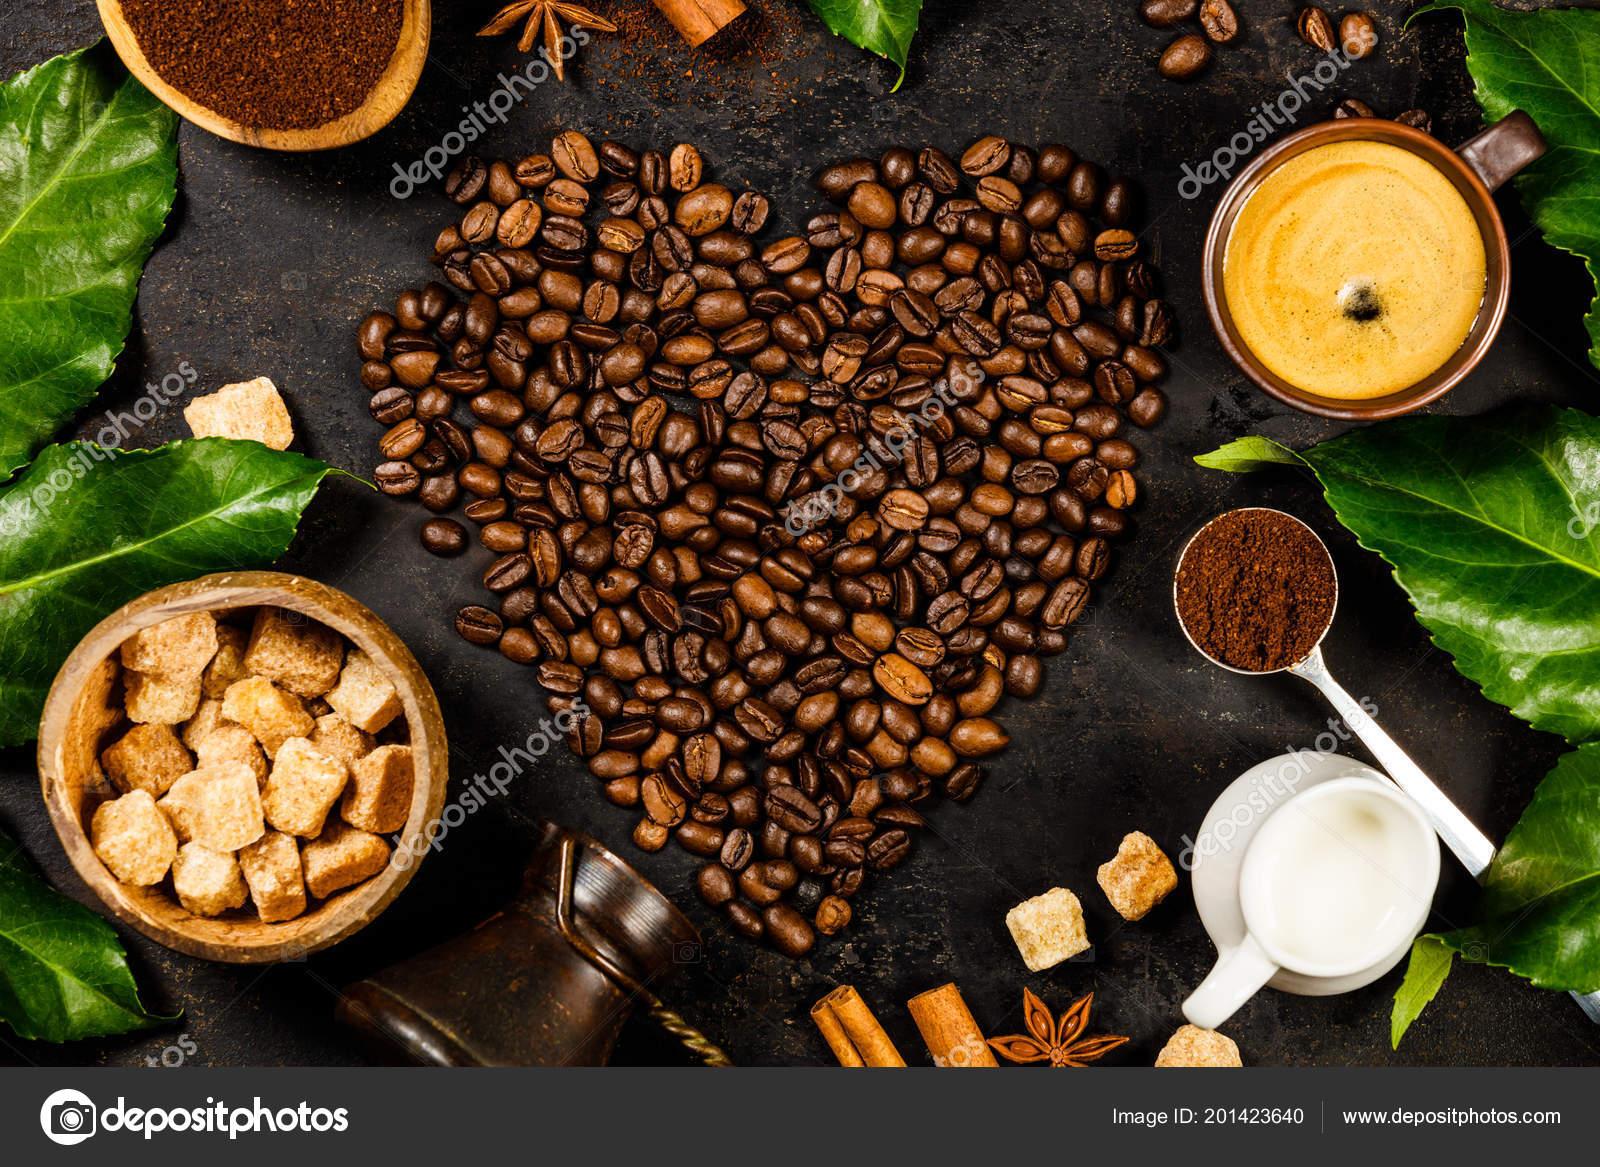 Kreative Flach Zu Legen Mit Kaffee Milch Und Zucker Stockfoto